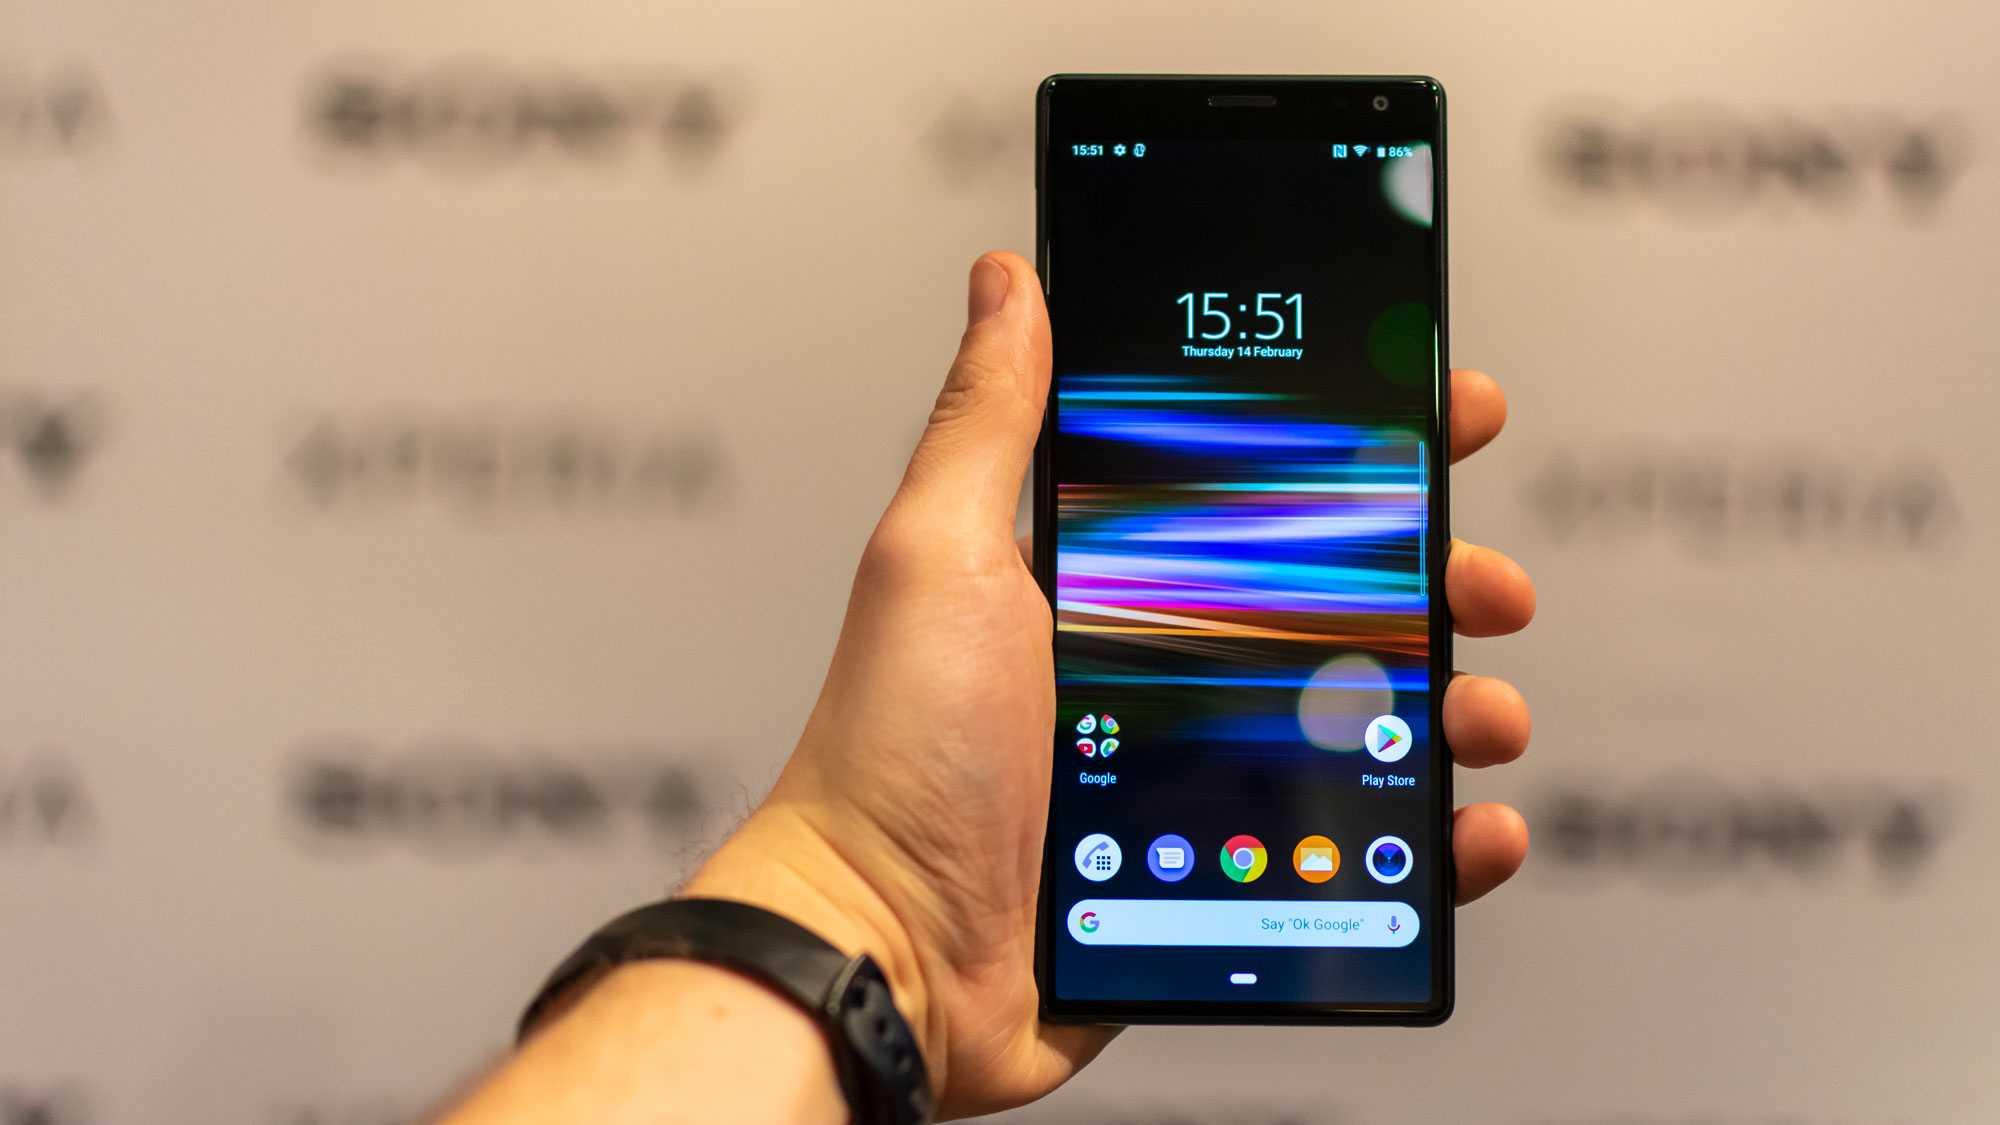 Обзор sony xperia 10 и xperia 10 plus: эти смартфоны сложно спутать с другими